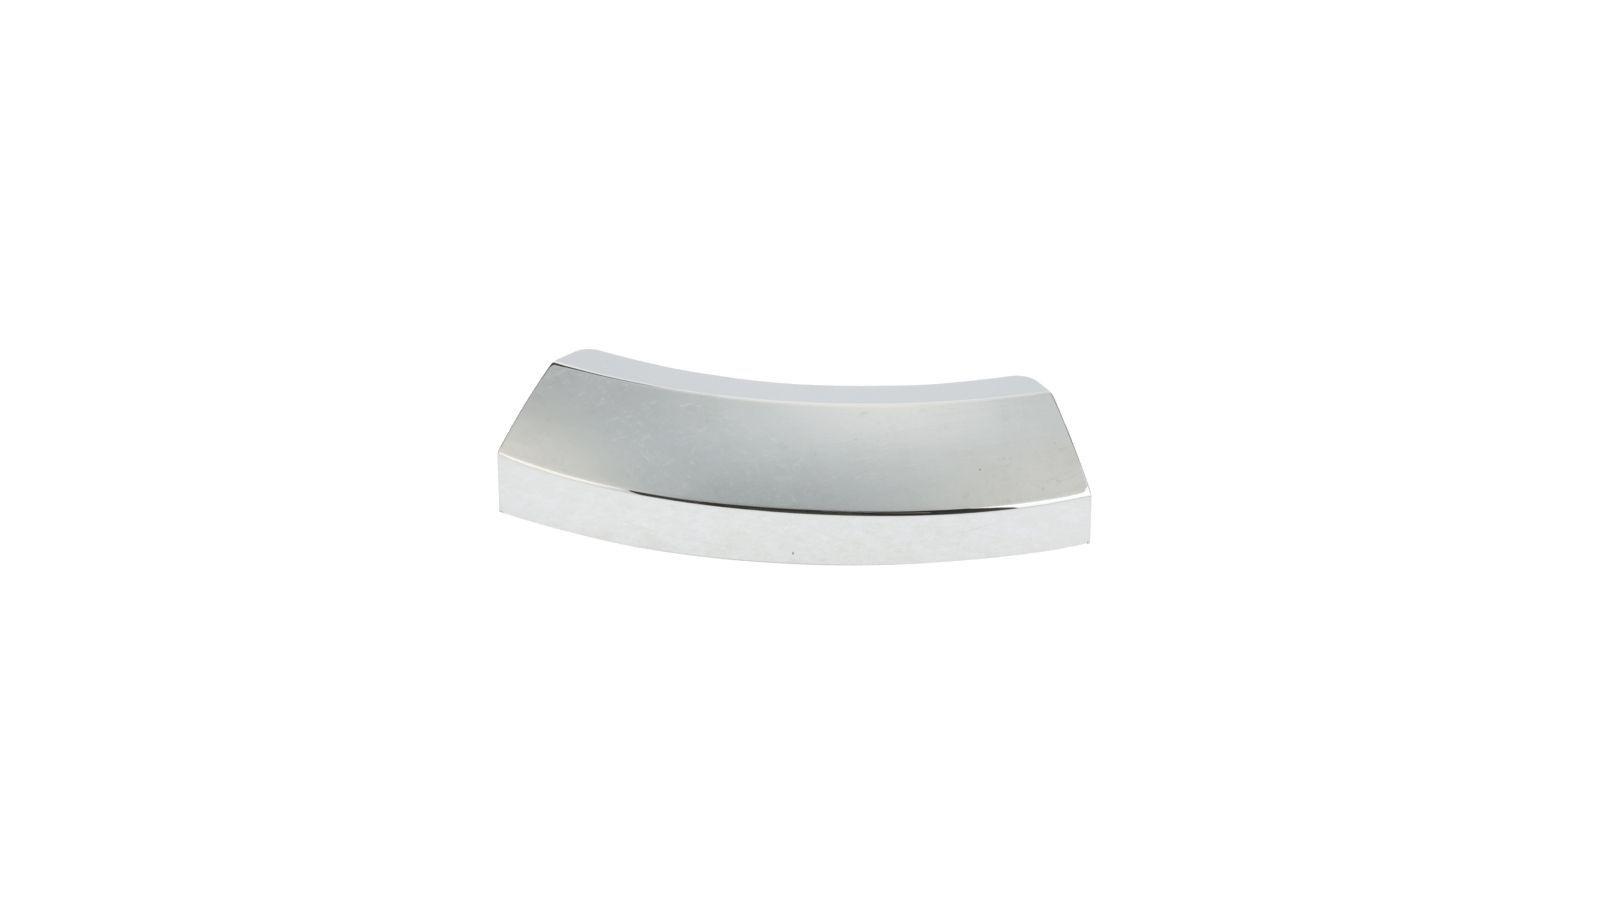 Door Handle for Bosch Siemens Tumble Dryers BSH